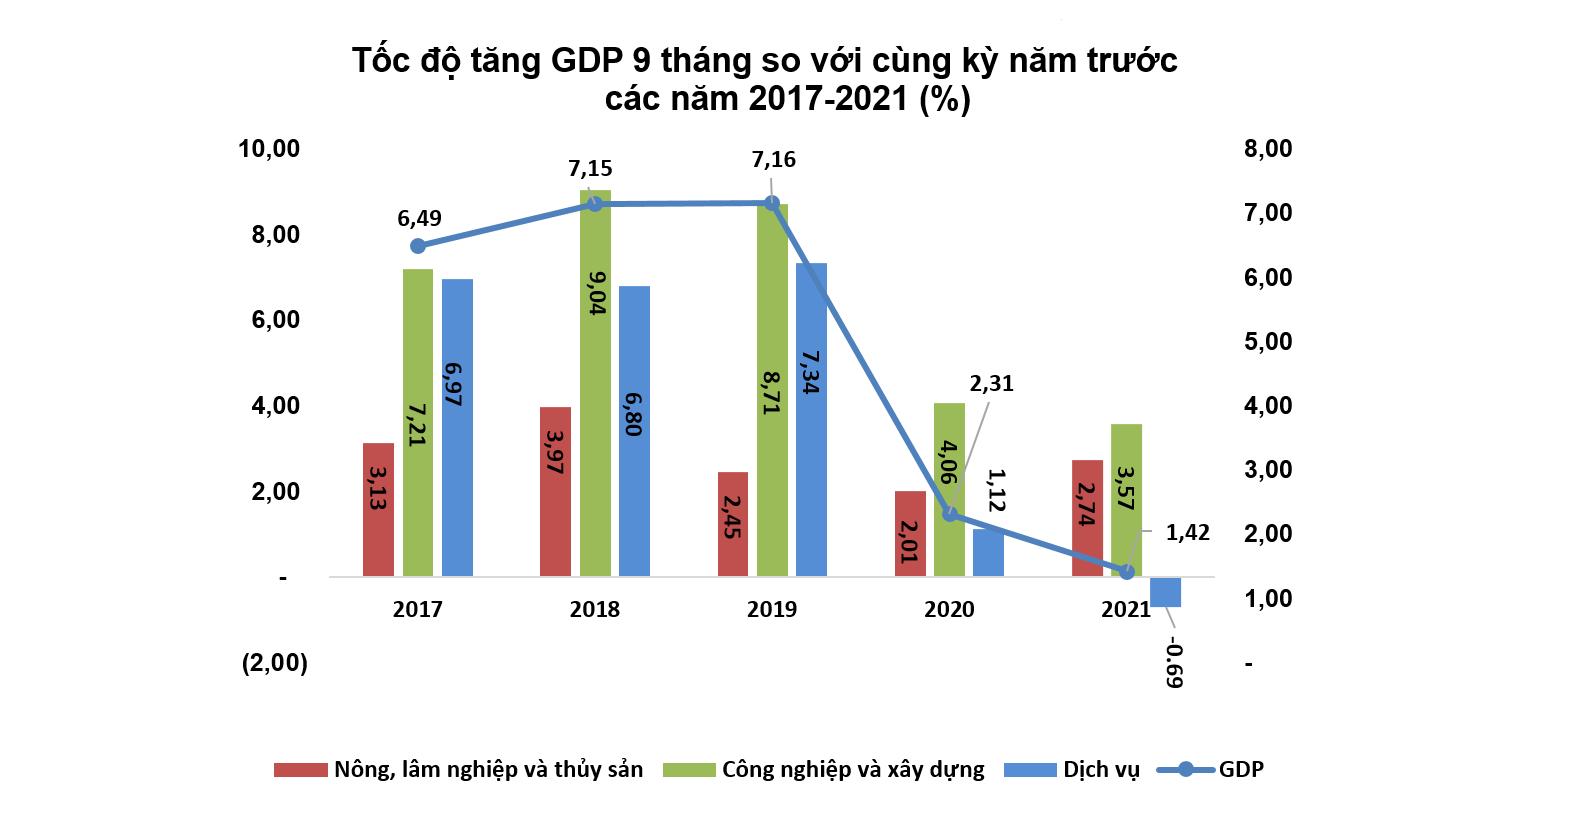 GDP quý 3 âm 6,17%, mức giảm lớn nhất trong lịch sử